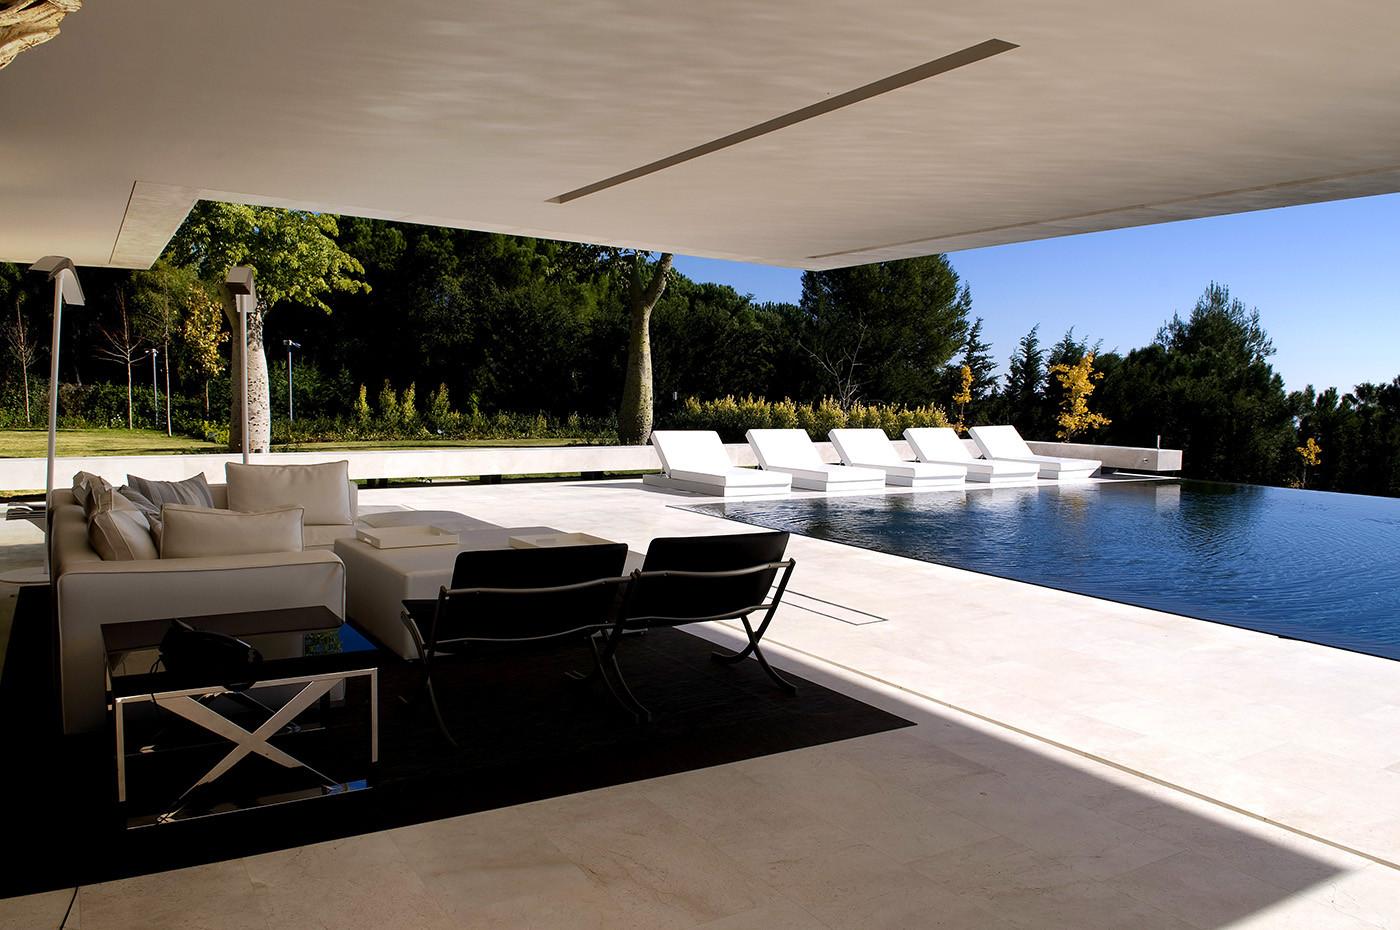 427 - Espectacular, imponente y lujosa casa de diseño en Puerto Banús (Marbella, Costa del Sol)